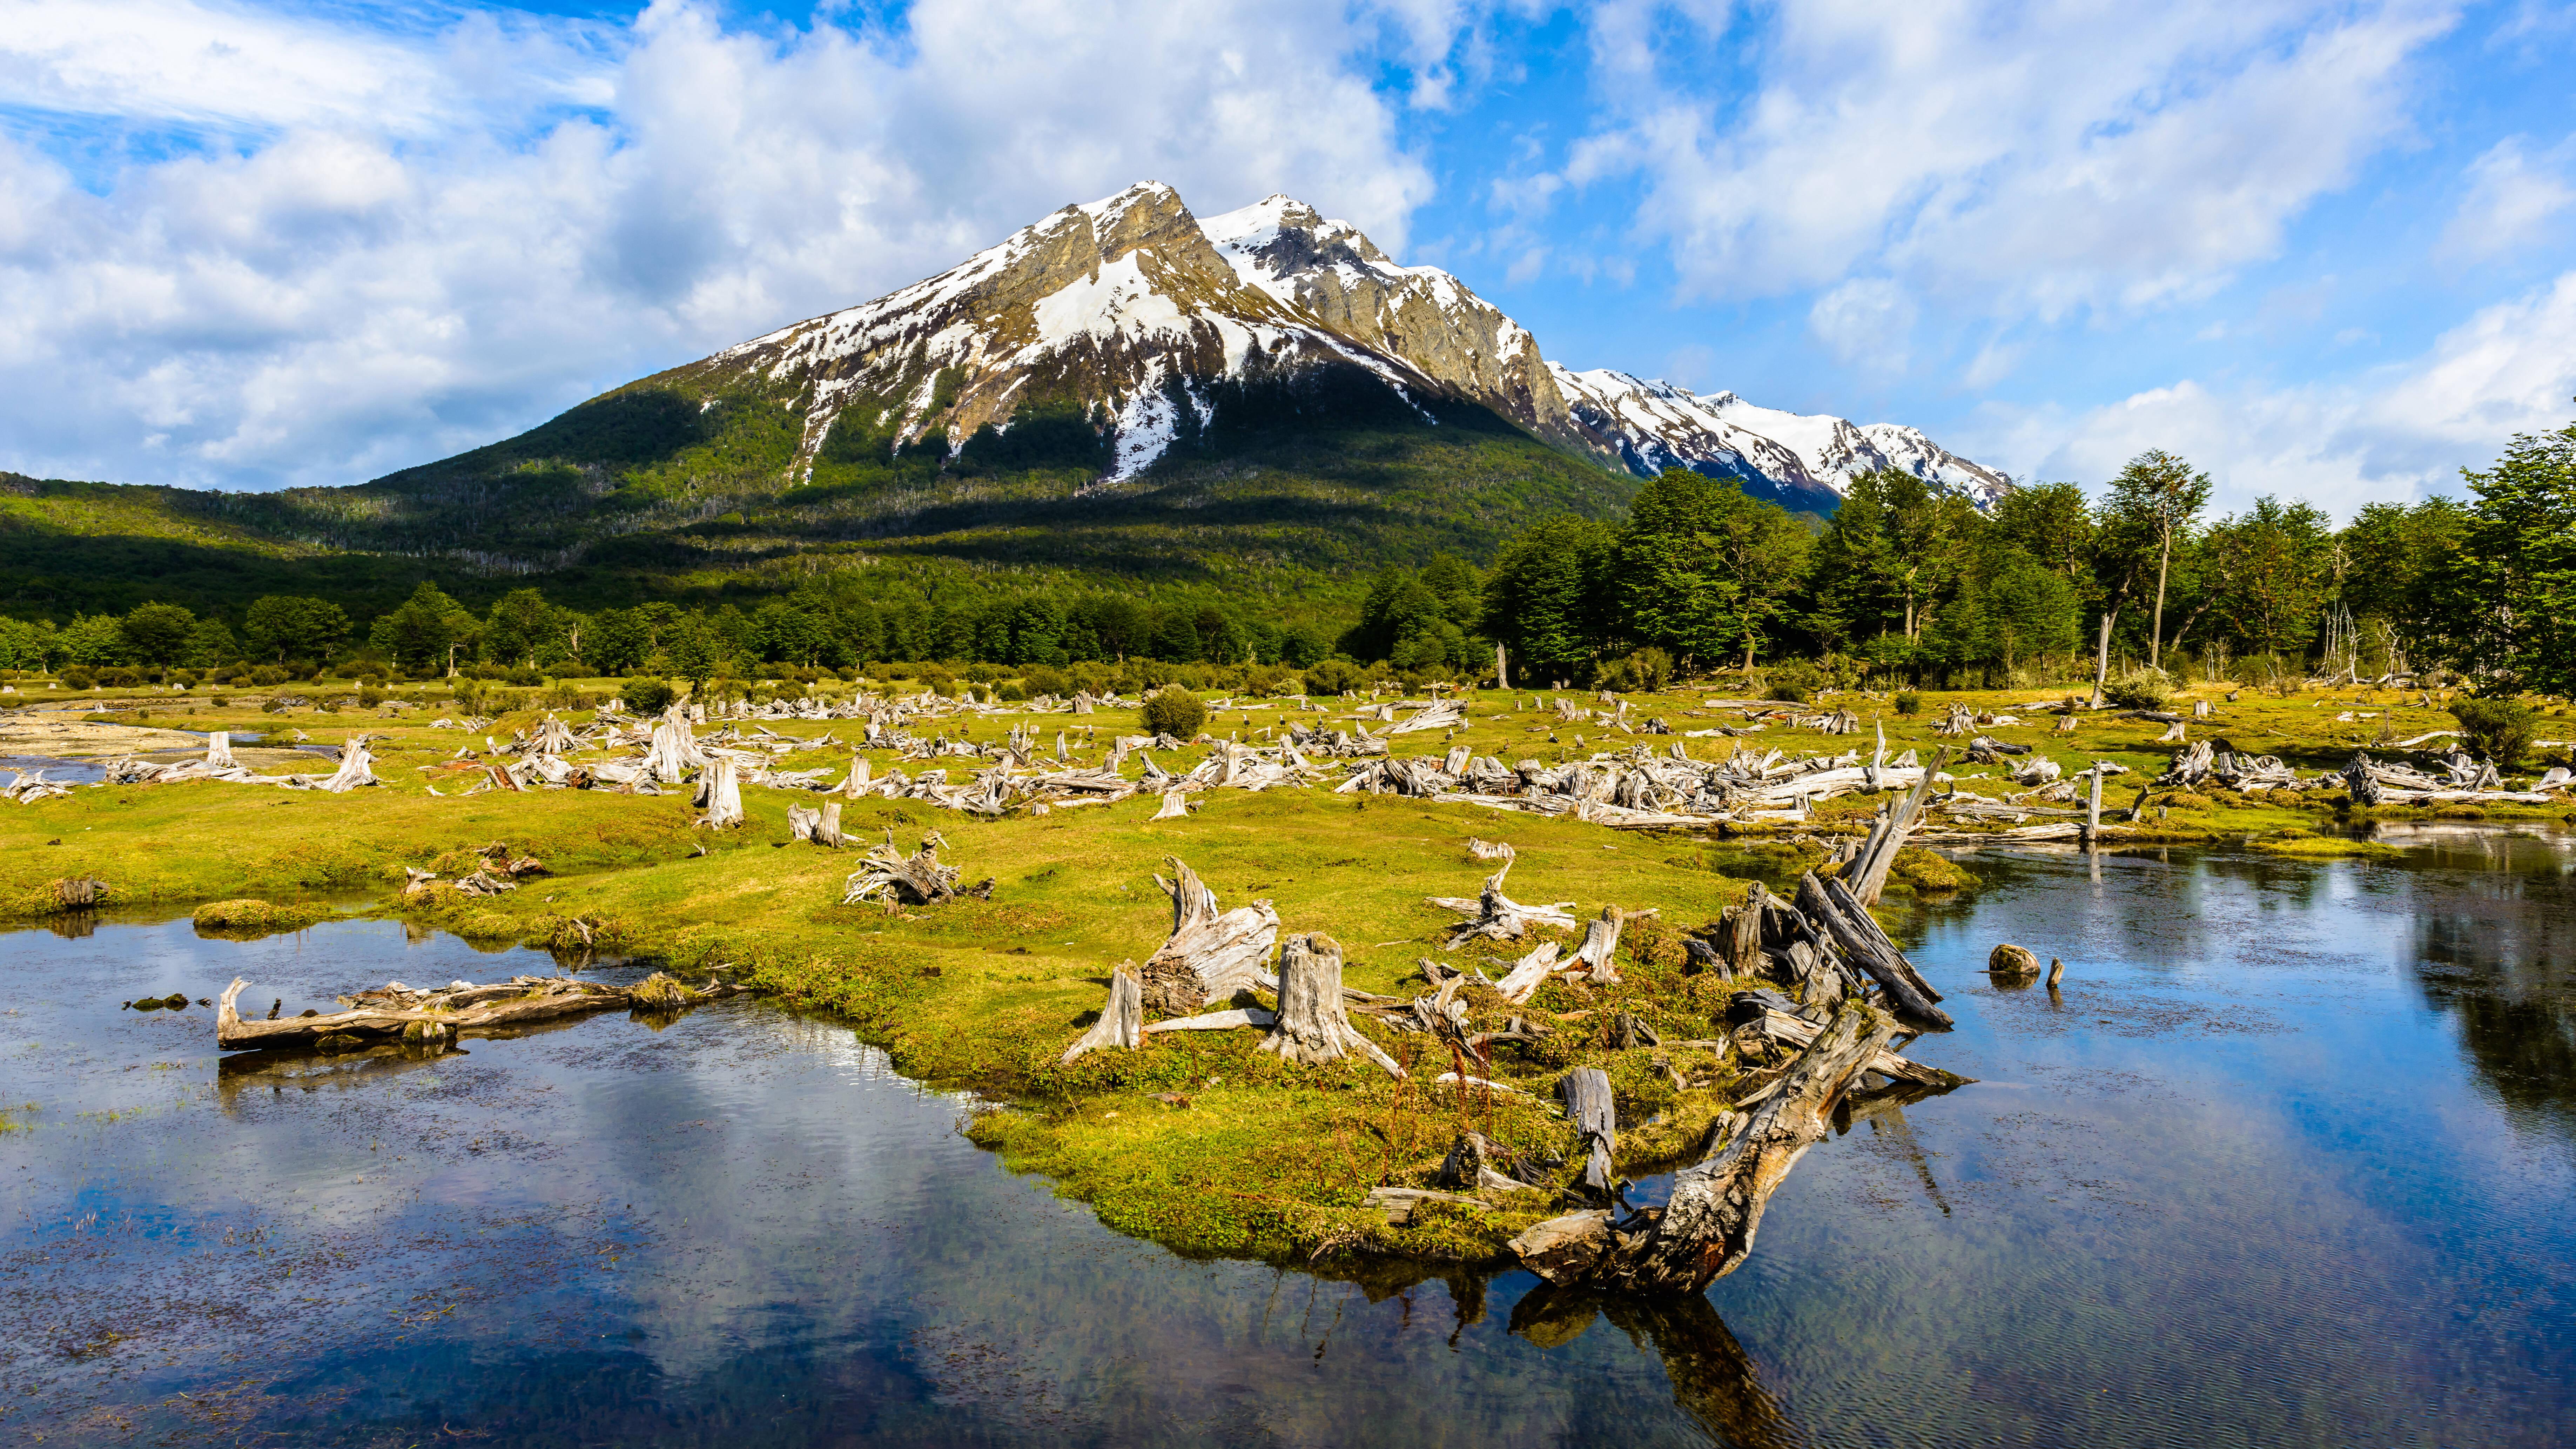 O cemitério de árvores do Parque Nacional da Terra do Fogo fica em outro trecho que só o Trem do Fim do Mundo pode acessar. Foto: shutterstock